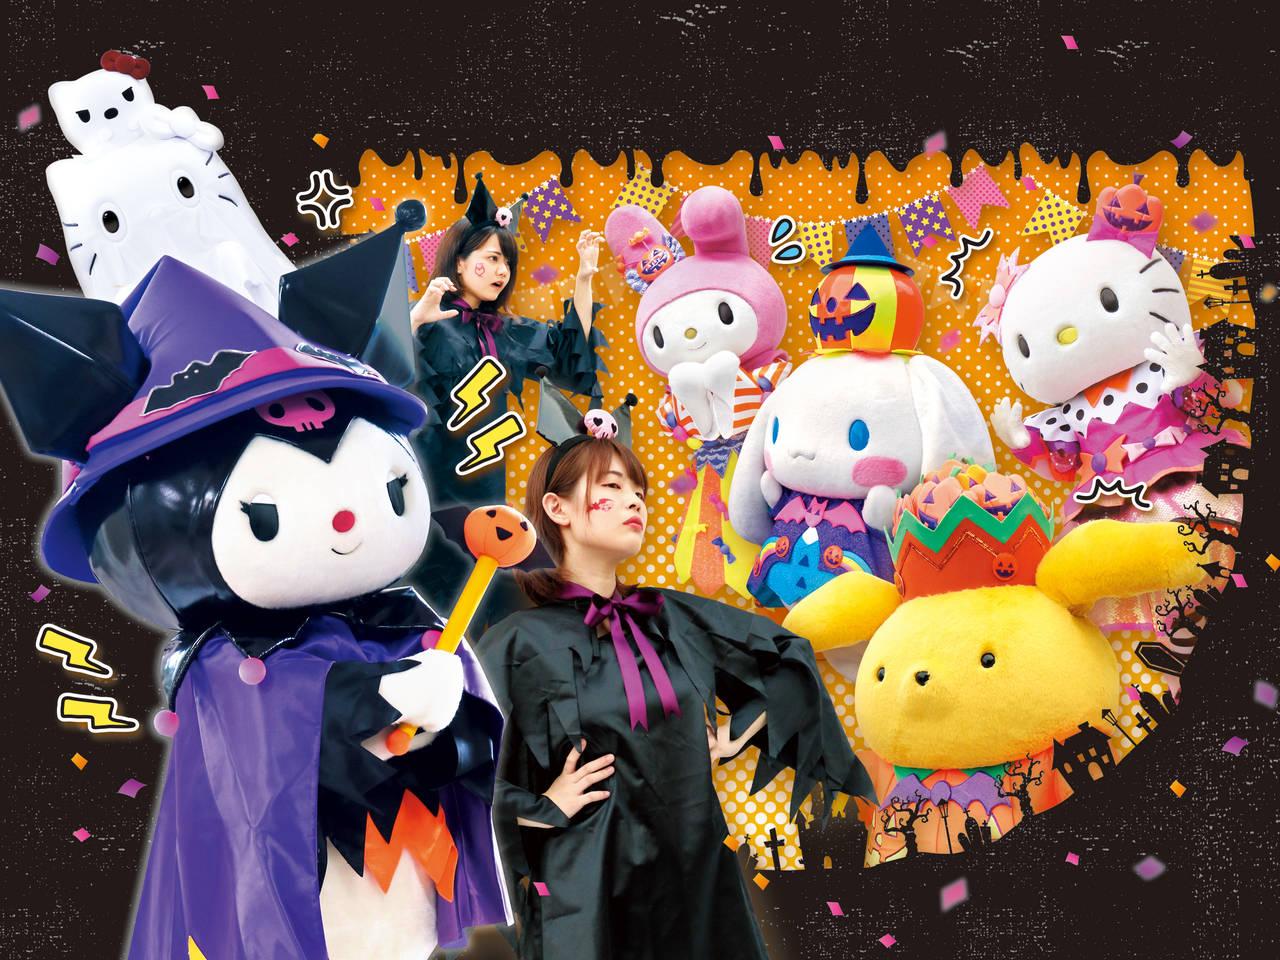 今年のハロウィンは『クロミ』が活躍! サンリオ『クロミのハッピーハロウィン』開催♪